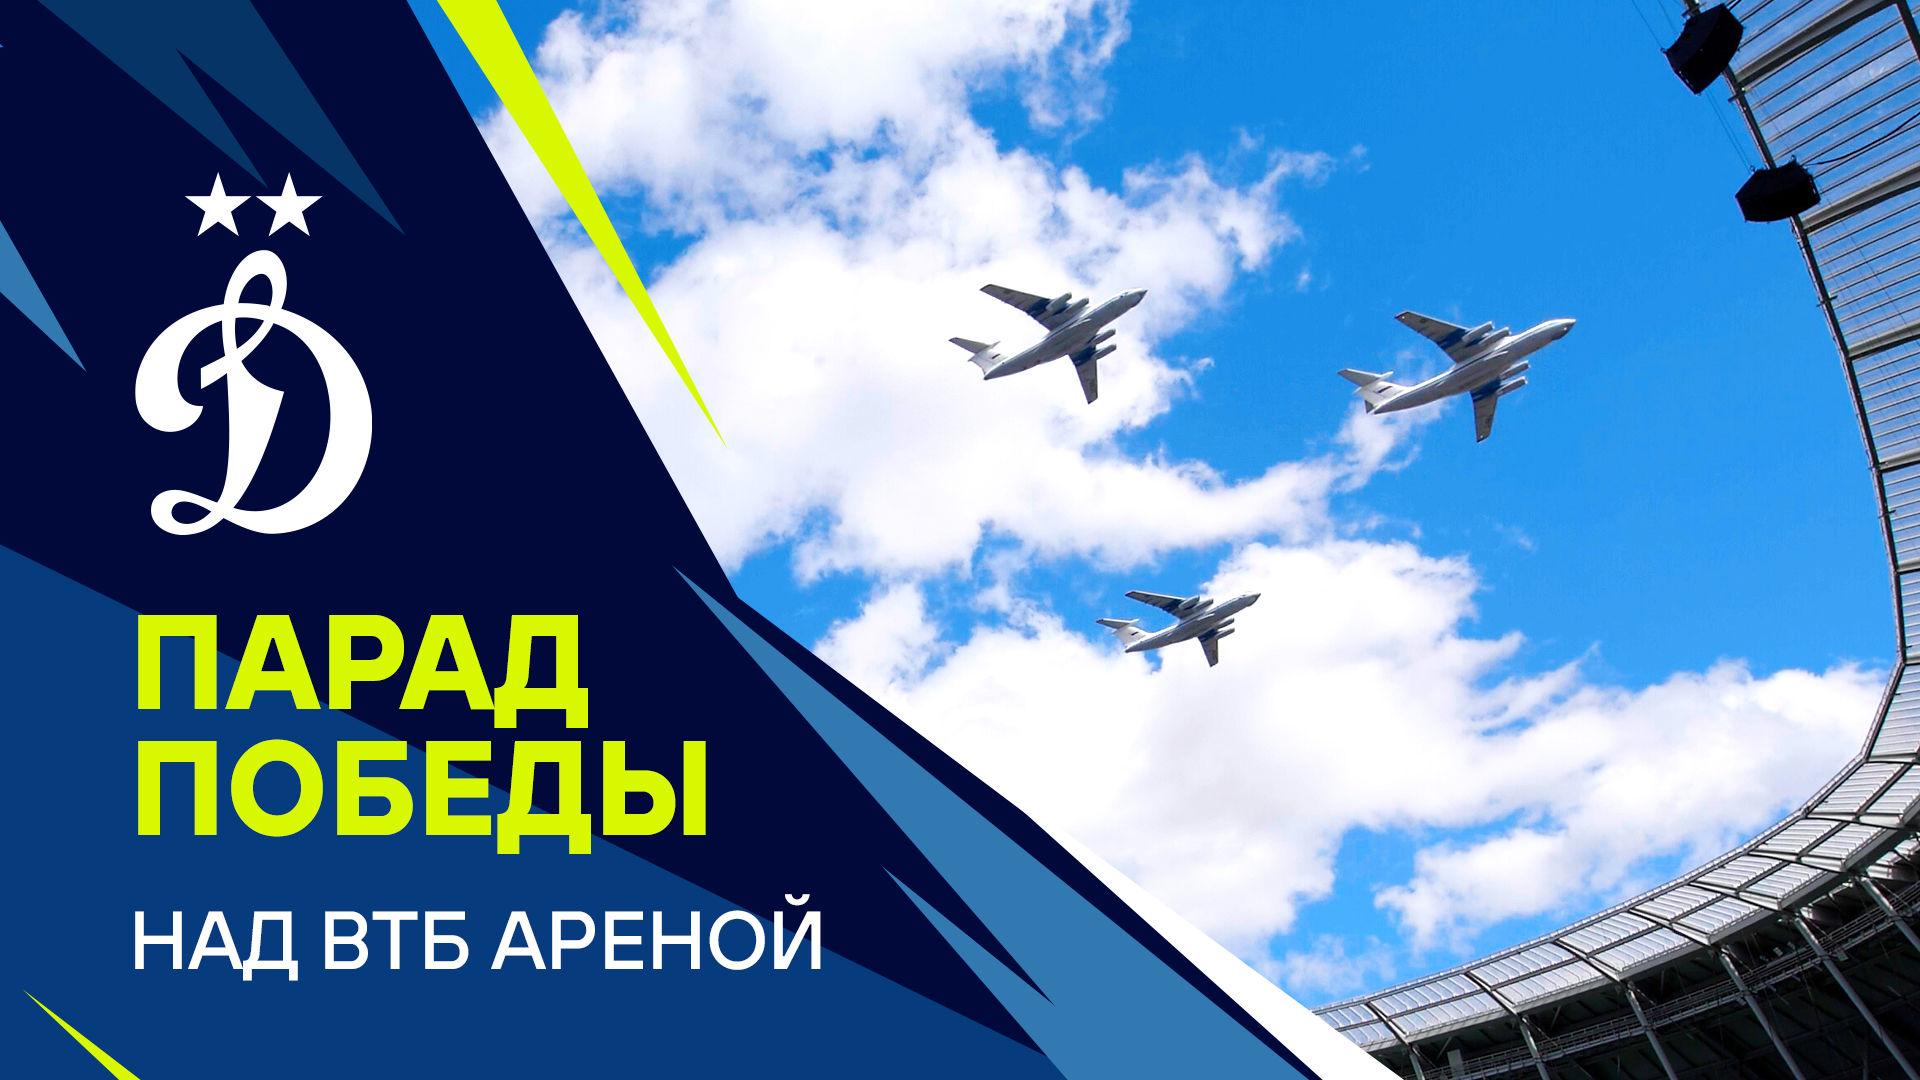 Парад Победы над «ВТБ Ареной»